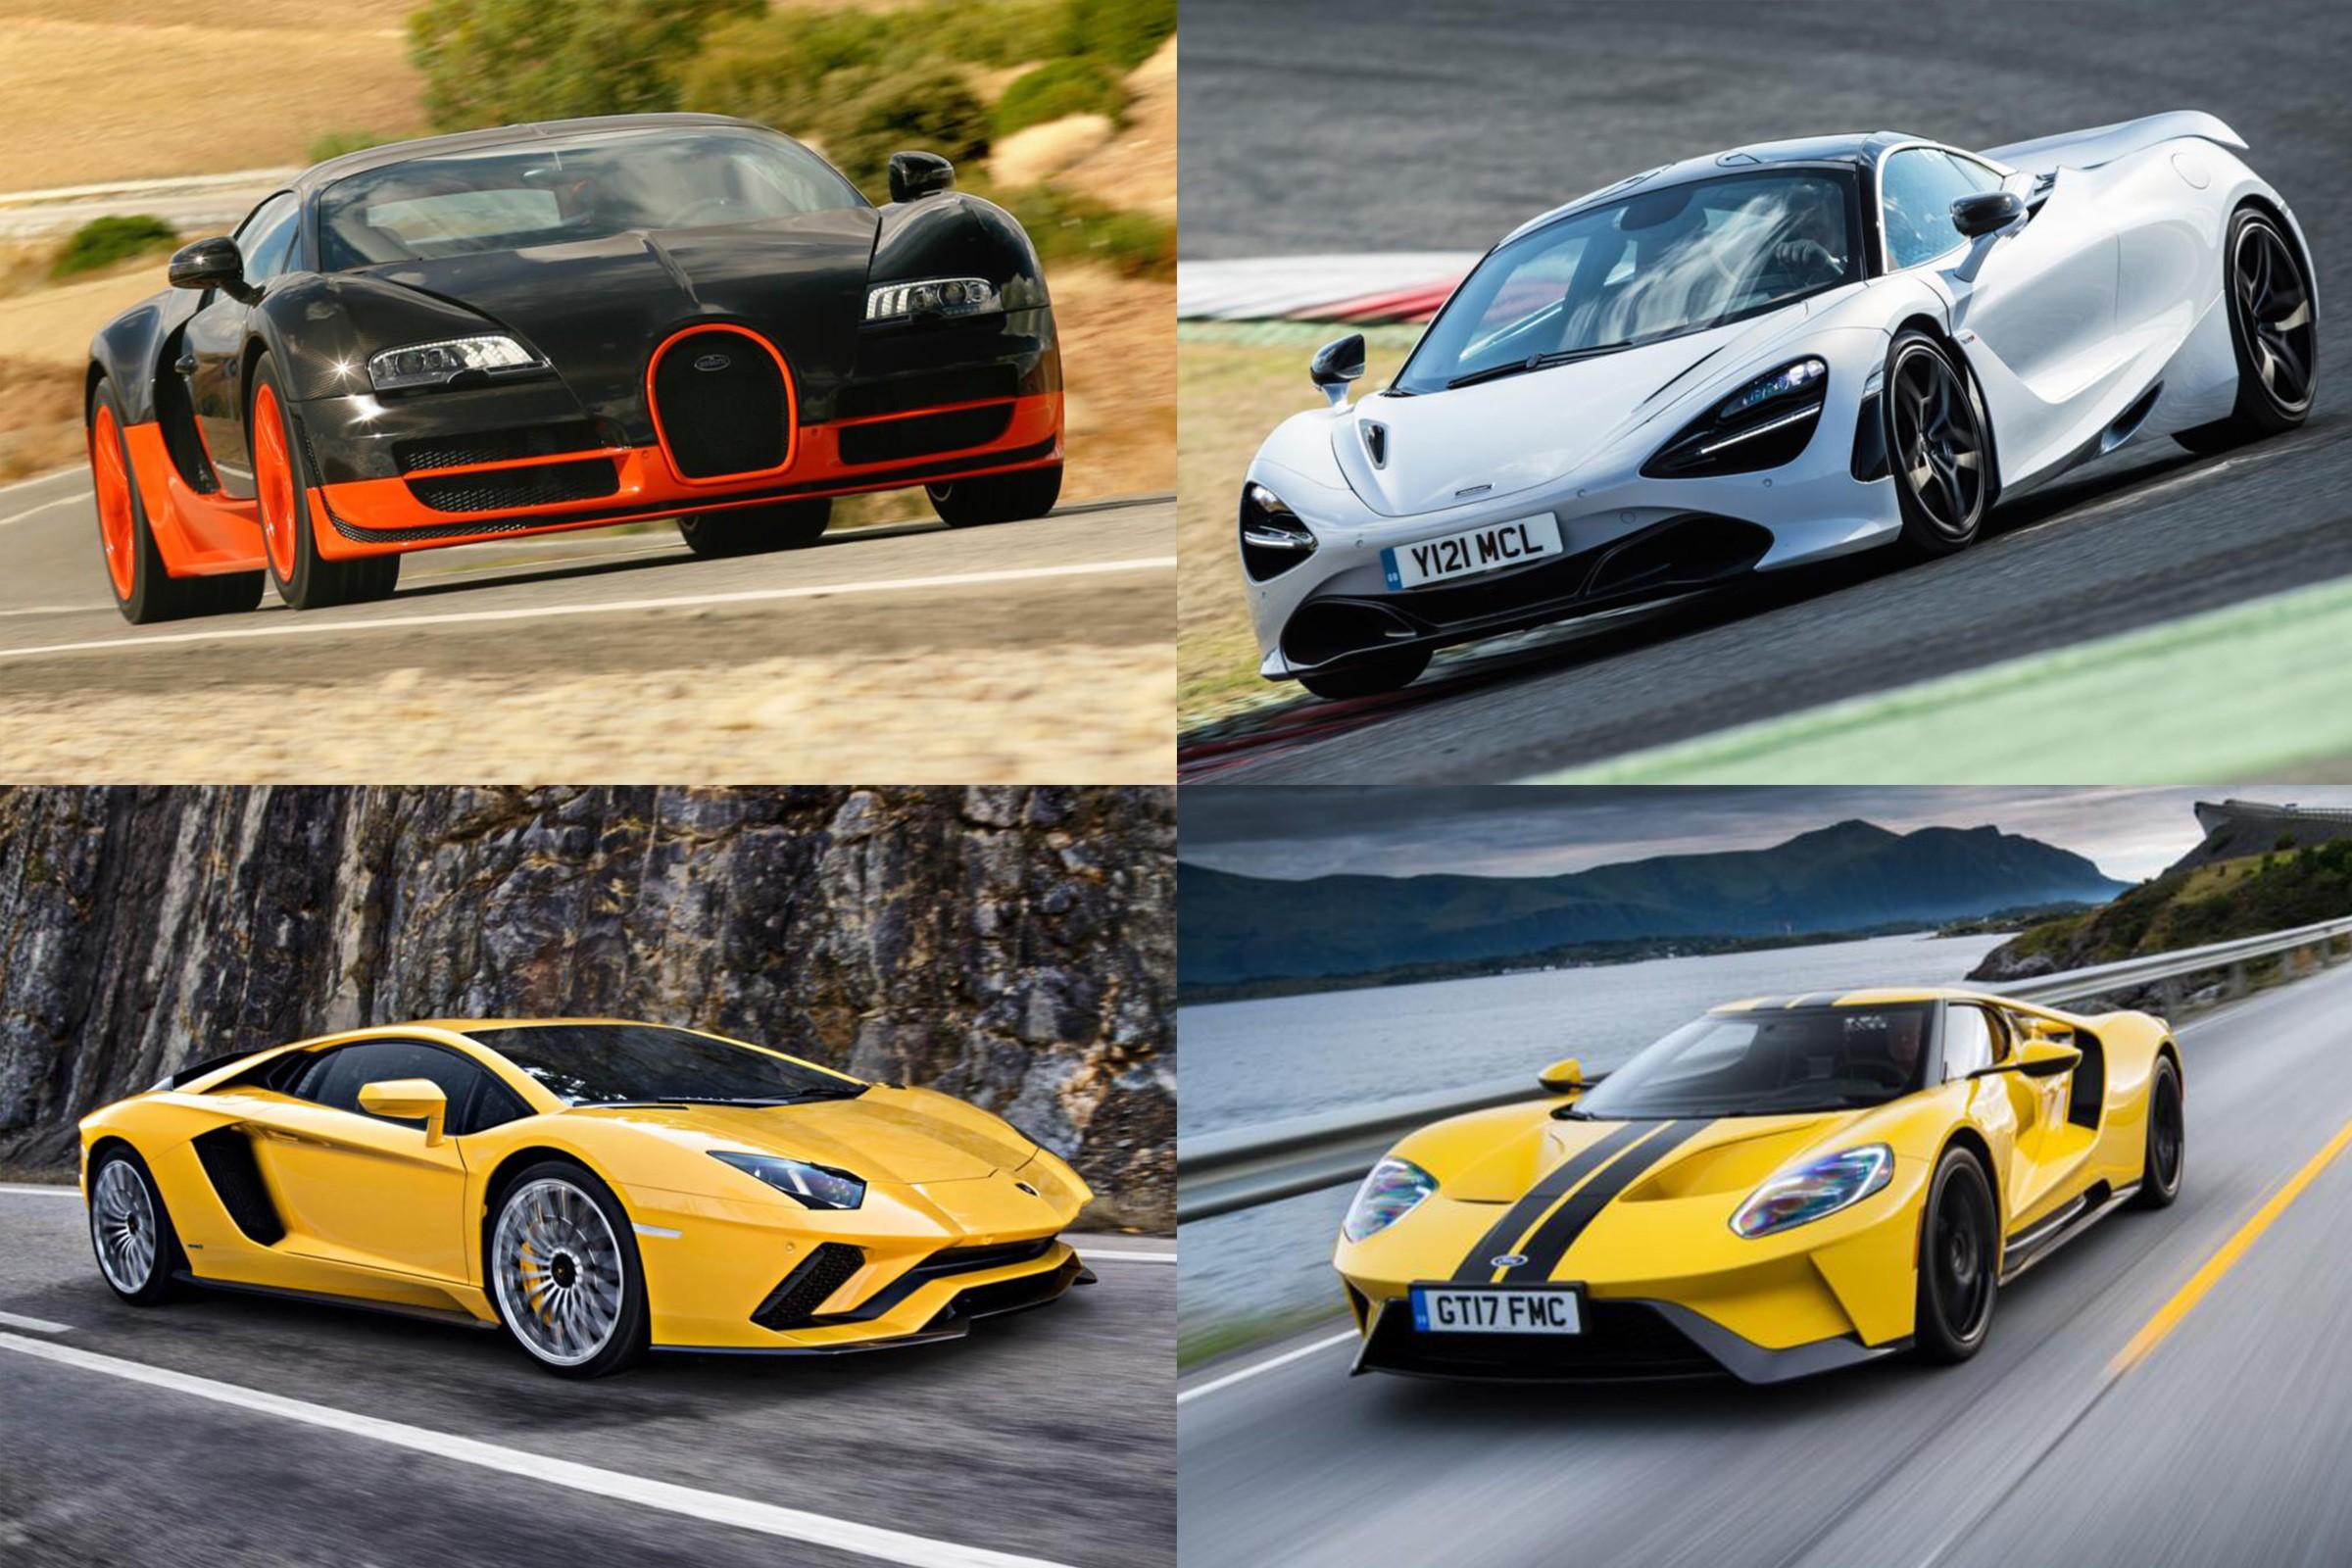 لاکچری ترین و گران قیمت ترین ماشین های دنیا در سال 2018 + تصاویر ...